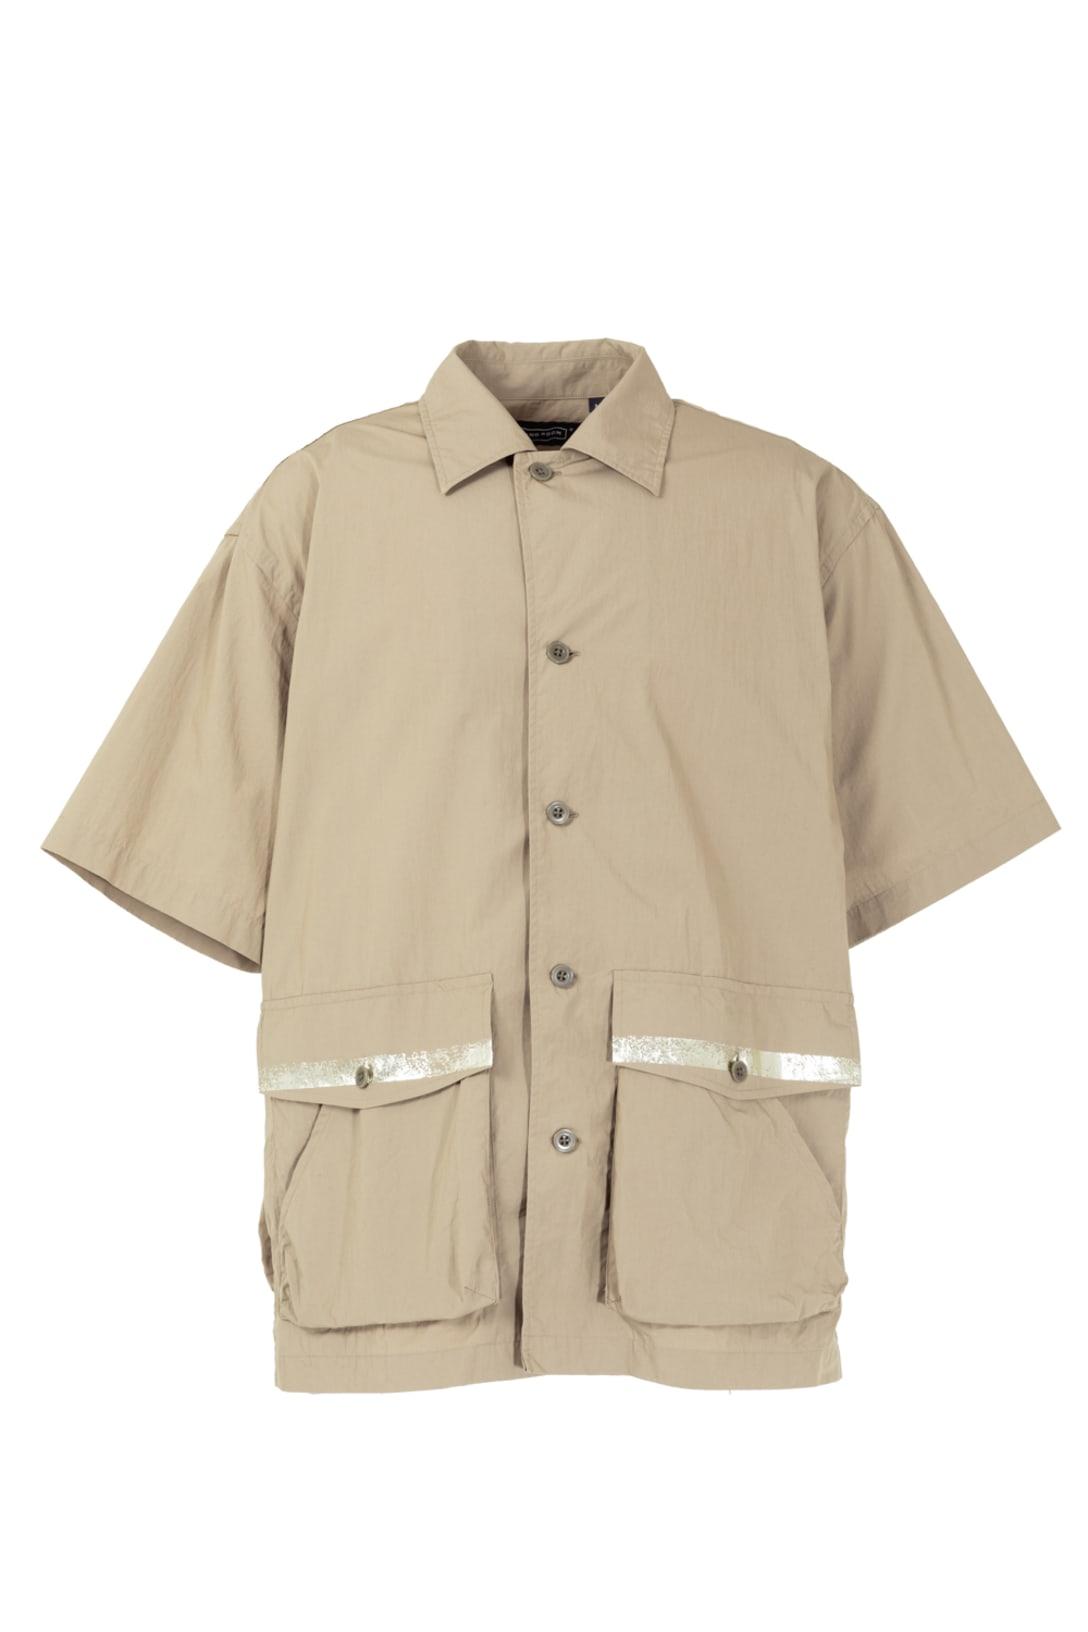 ポーターシャツ(ブラック・ベージュ・オリーブ3色展開、各税別2万7000円)※画像はベージュ